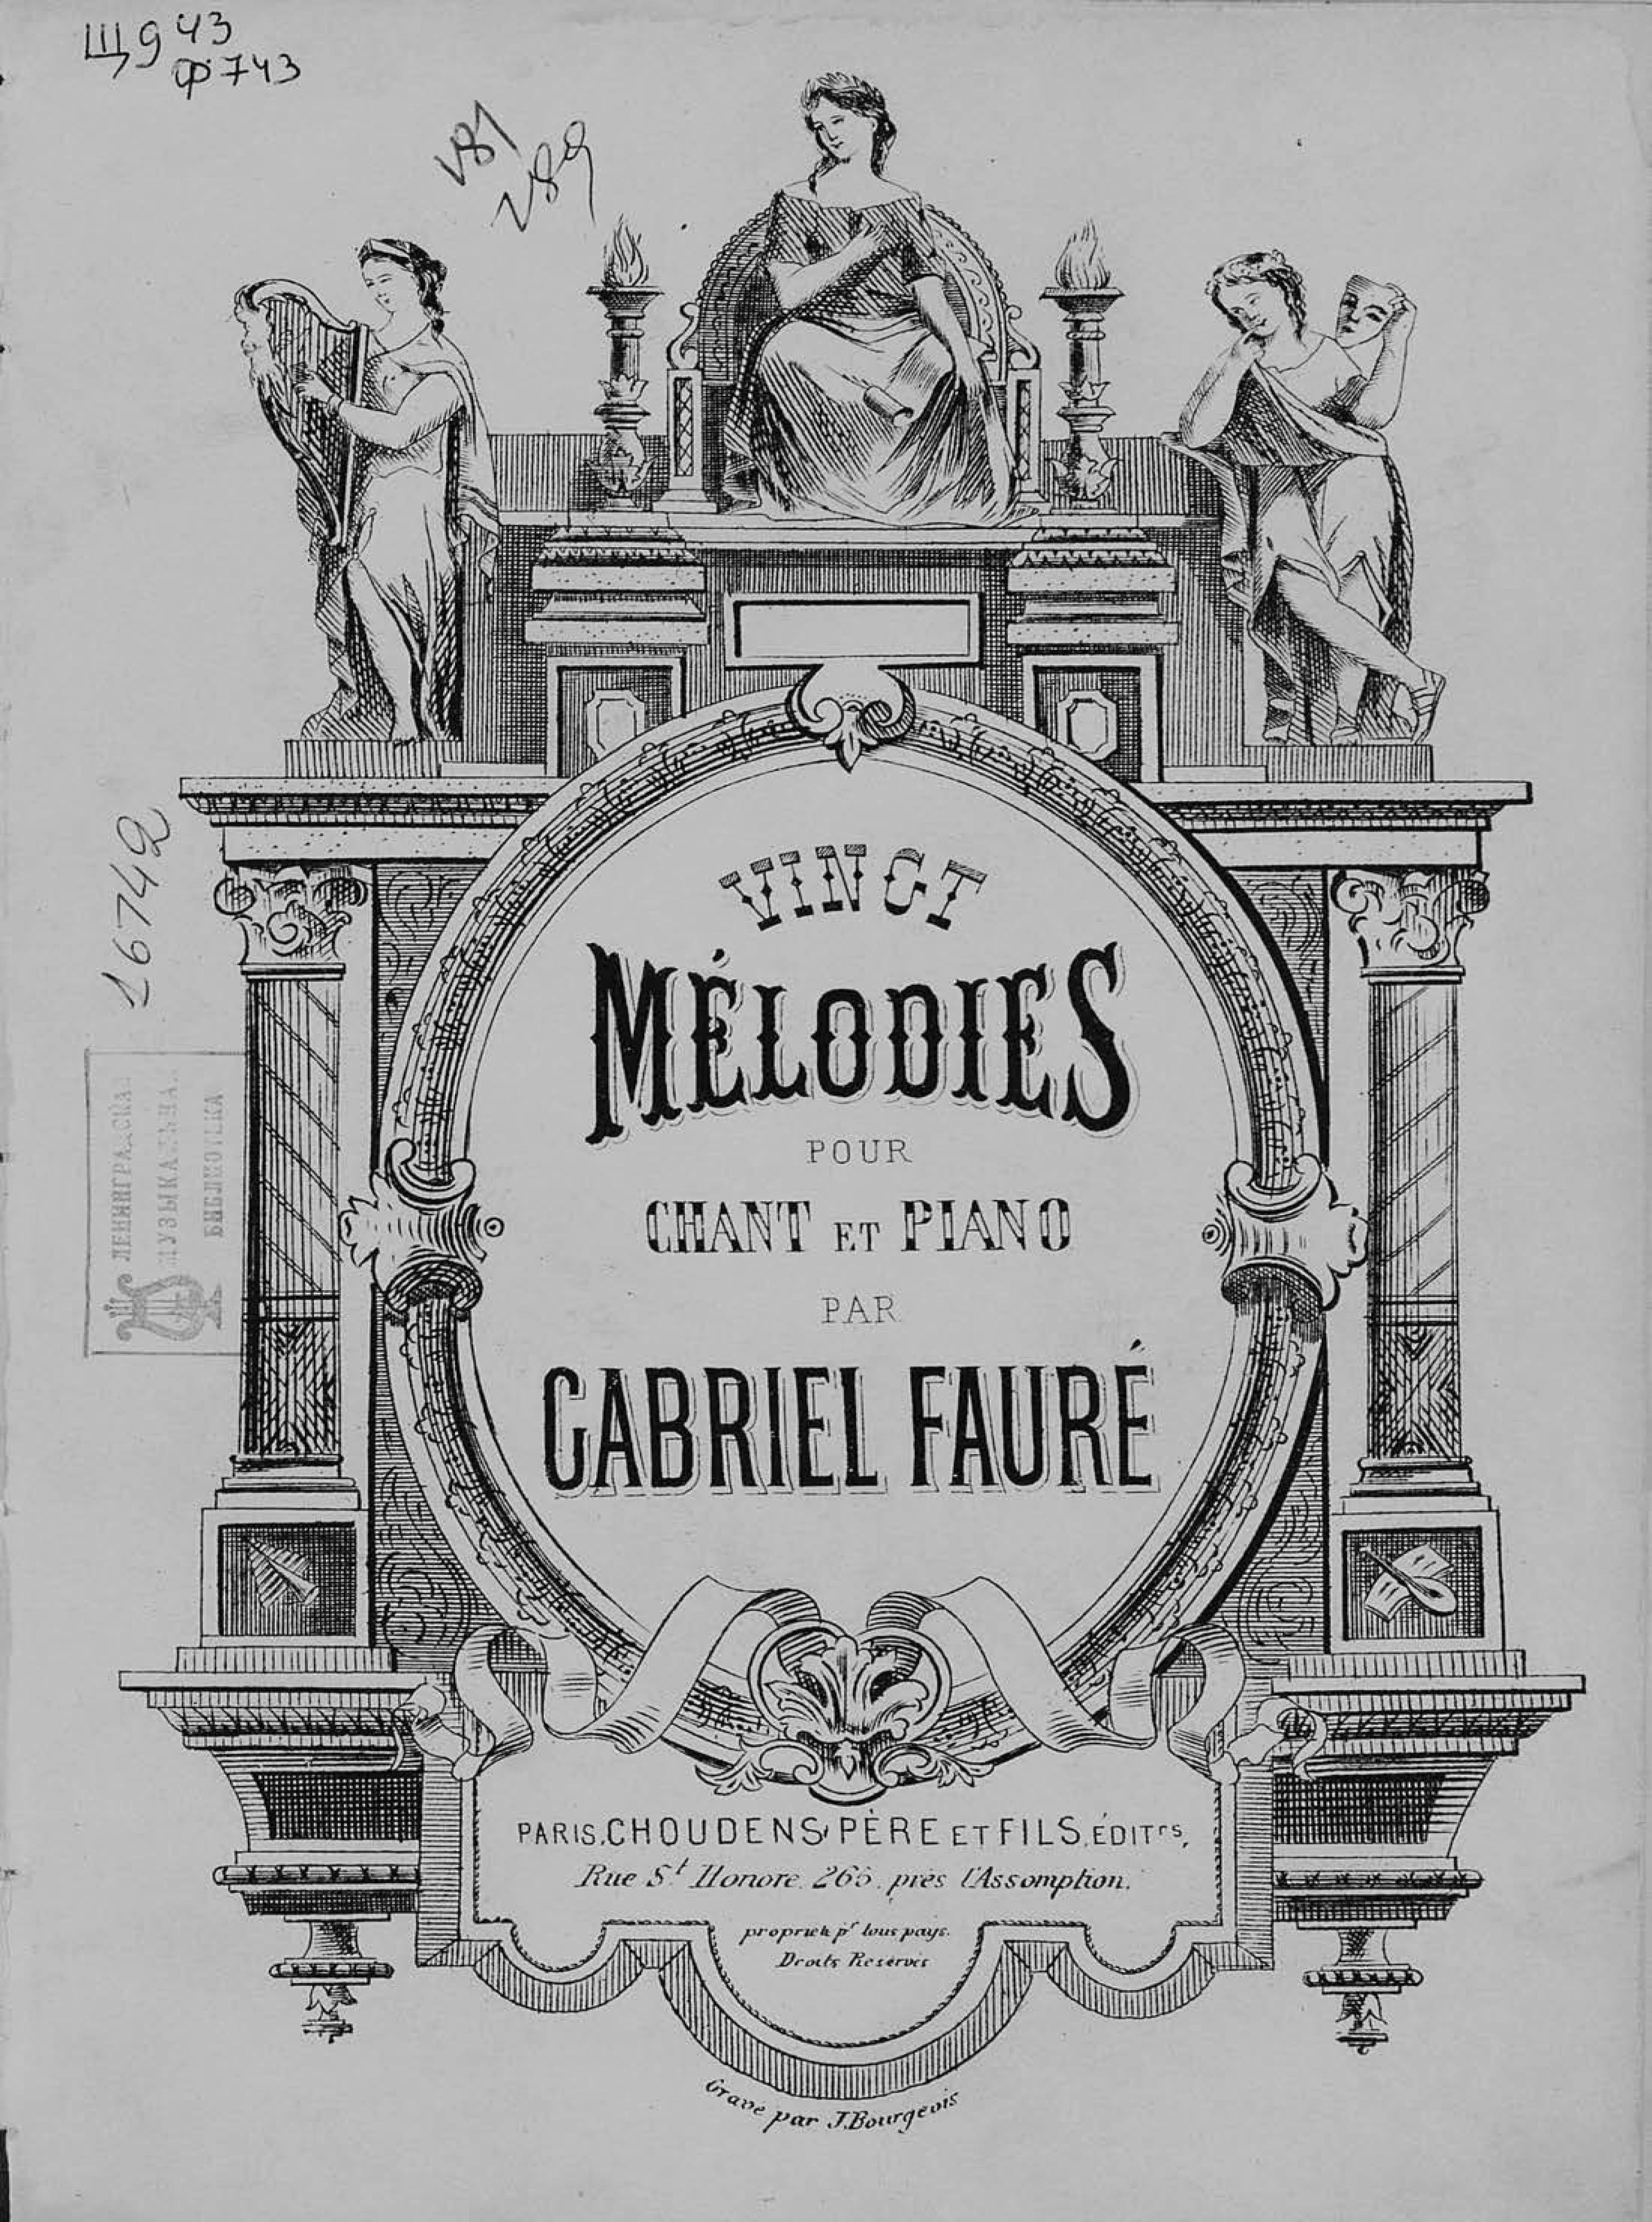 Габриель Урбен Форе Vingt melodies pour chant et piano par Gabriel Faure г форе серенада op 98